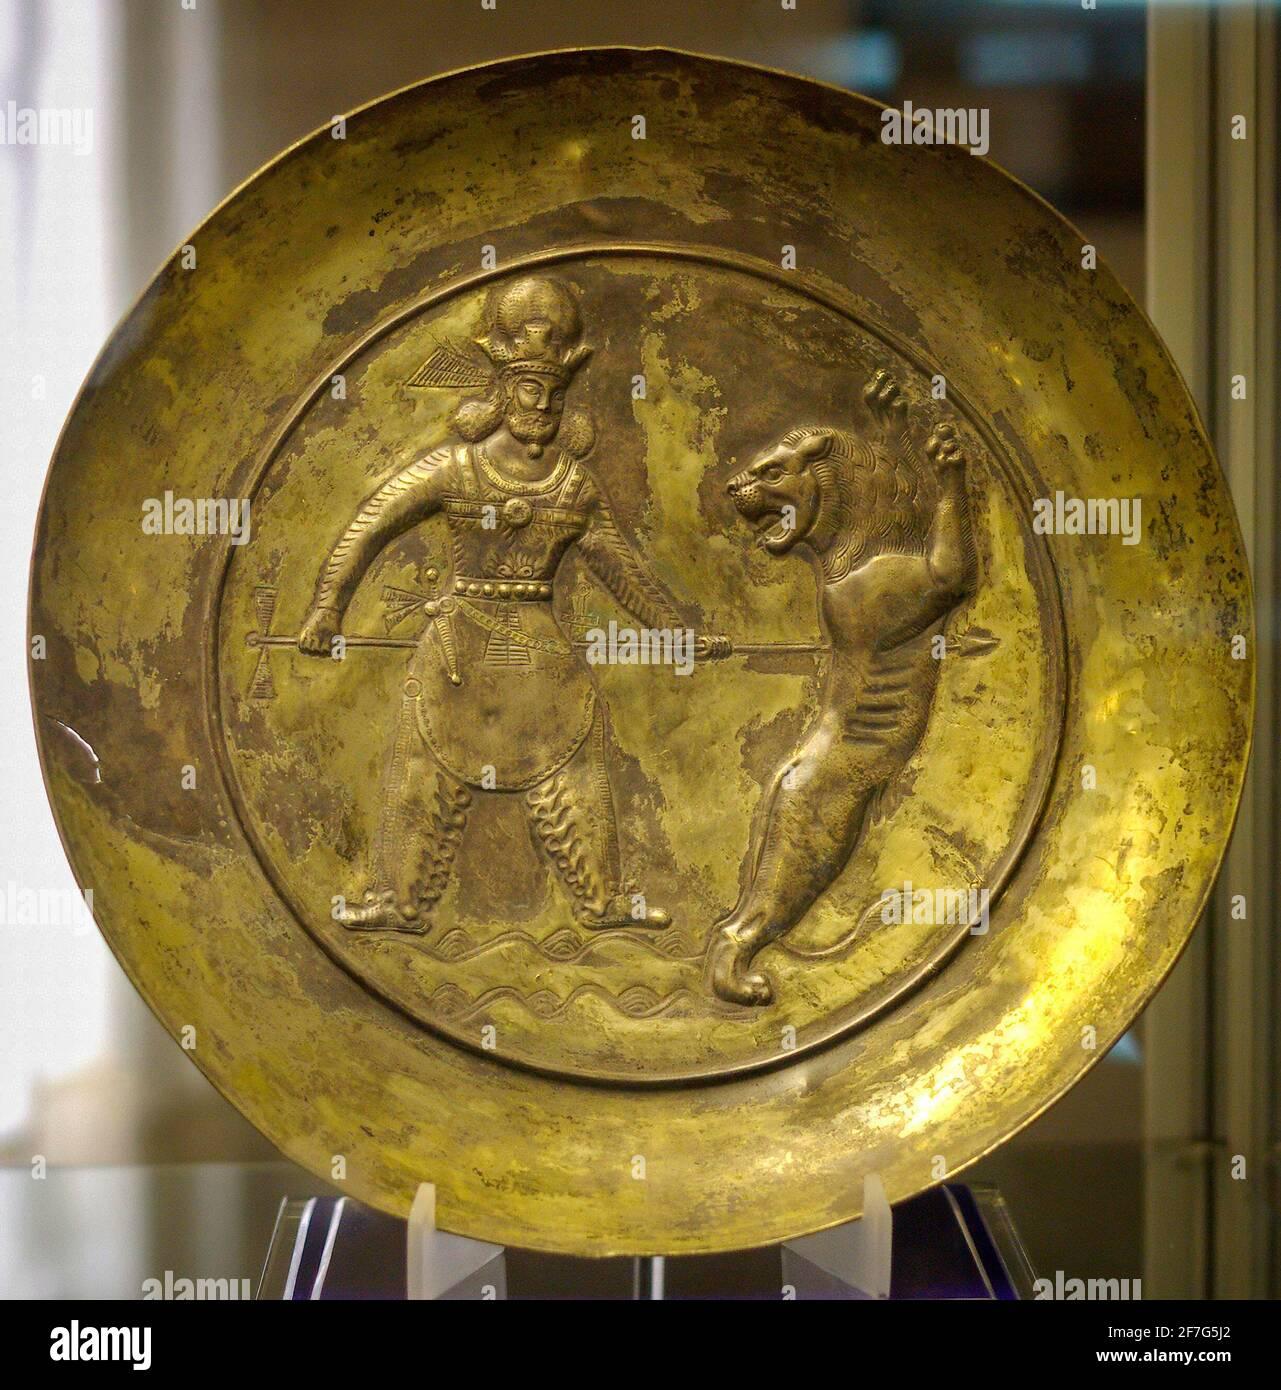 Piatto d'argento dorato sasaniano raffigurante il Re che uccide un leone con una spada, Museo Tabriz, Iran. Foto Stock